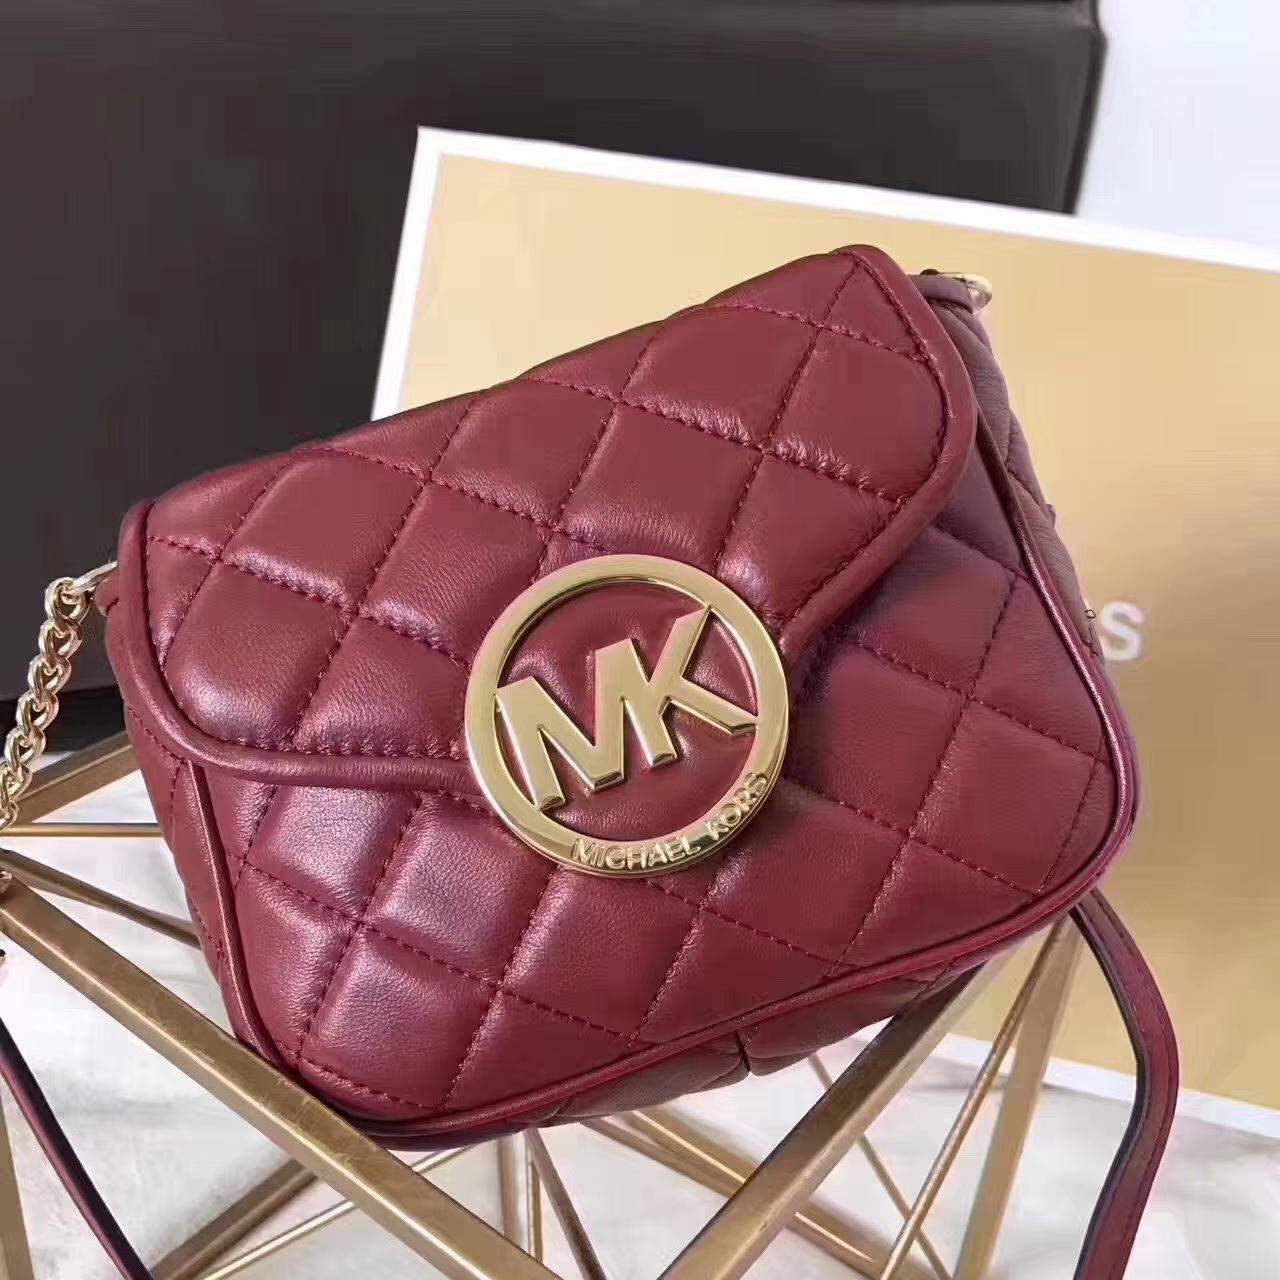 MK女包价格 迈克尔高仕原单小羊皮菱格链条斜挎包包18CM 酒红色